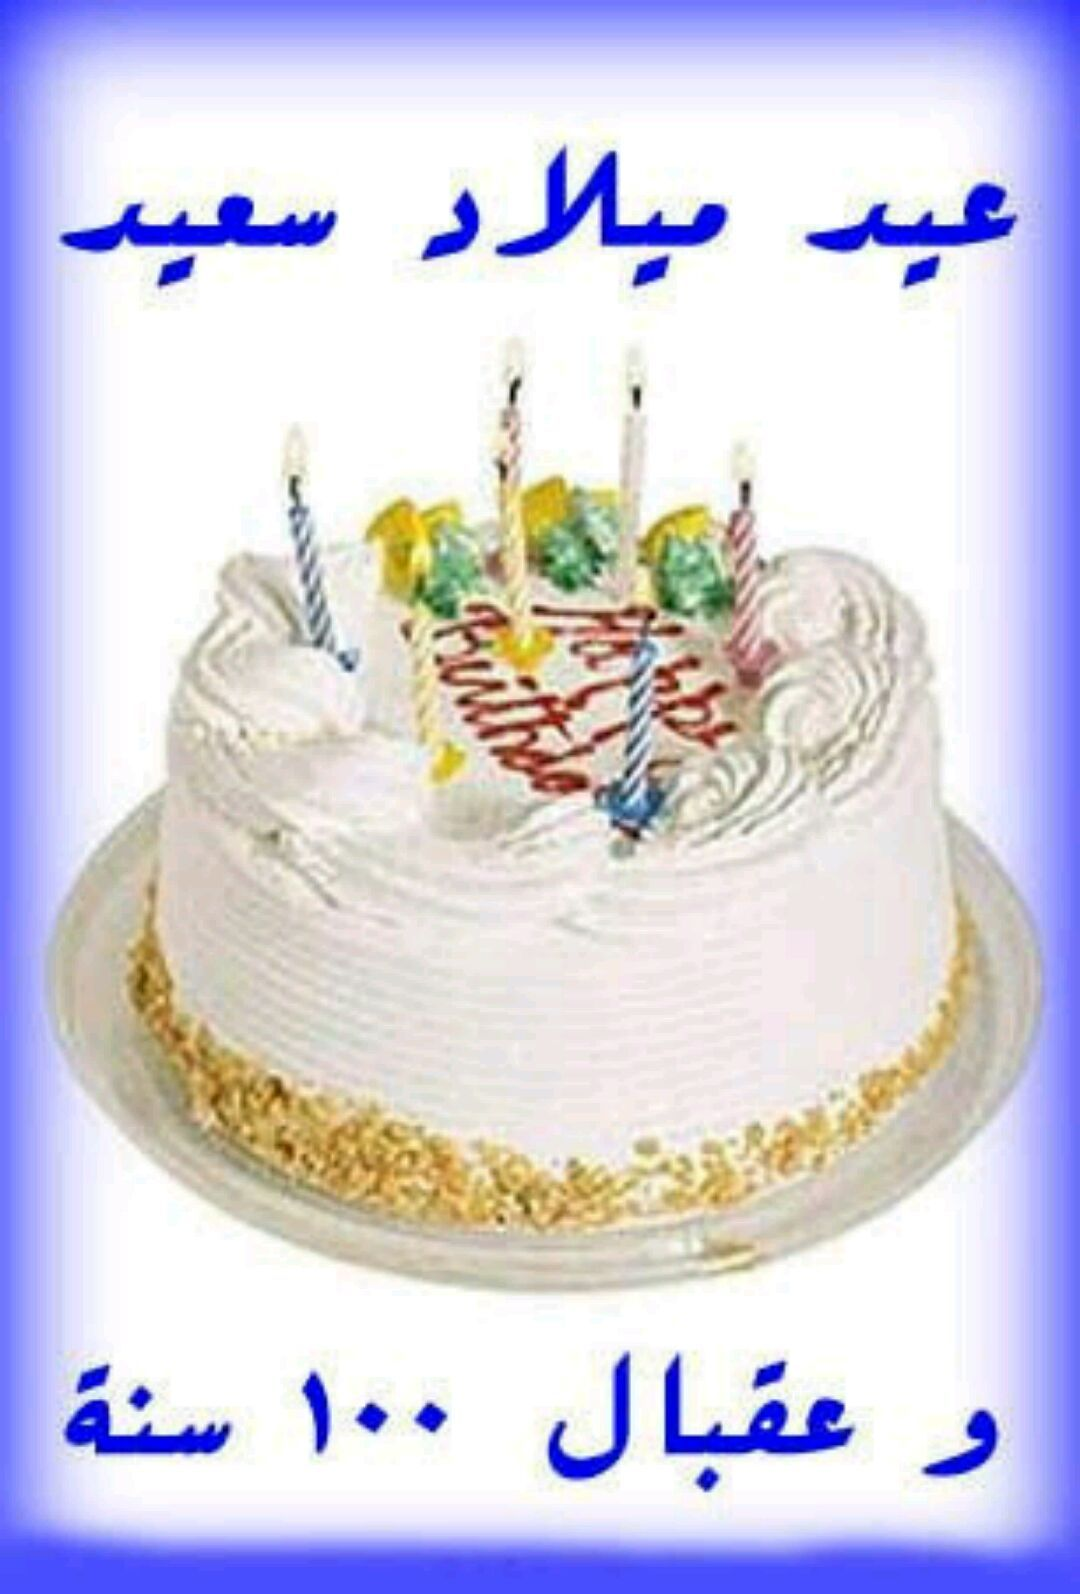 Desertrose Happy Birthday Happy Birthday Greetings Friends Happy Birthday Gifts Happy Birthday Wishes Cards